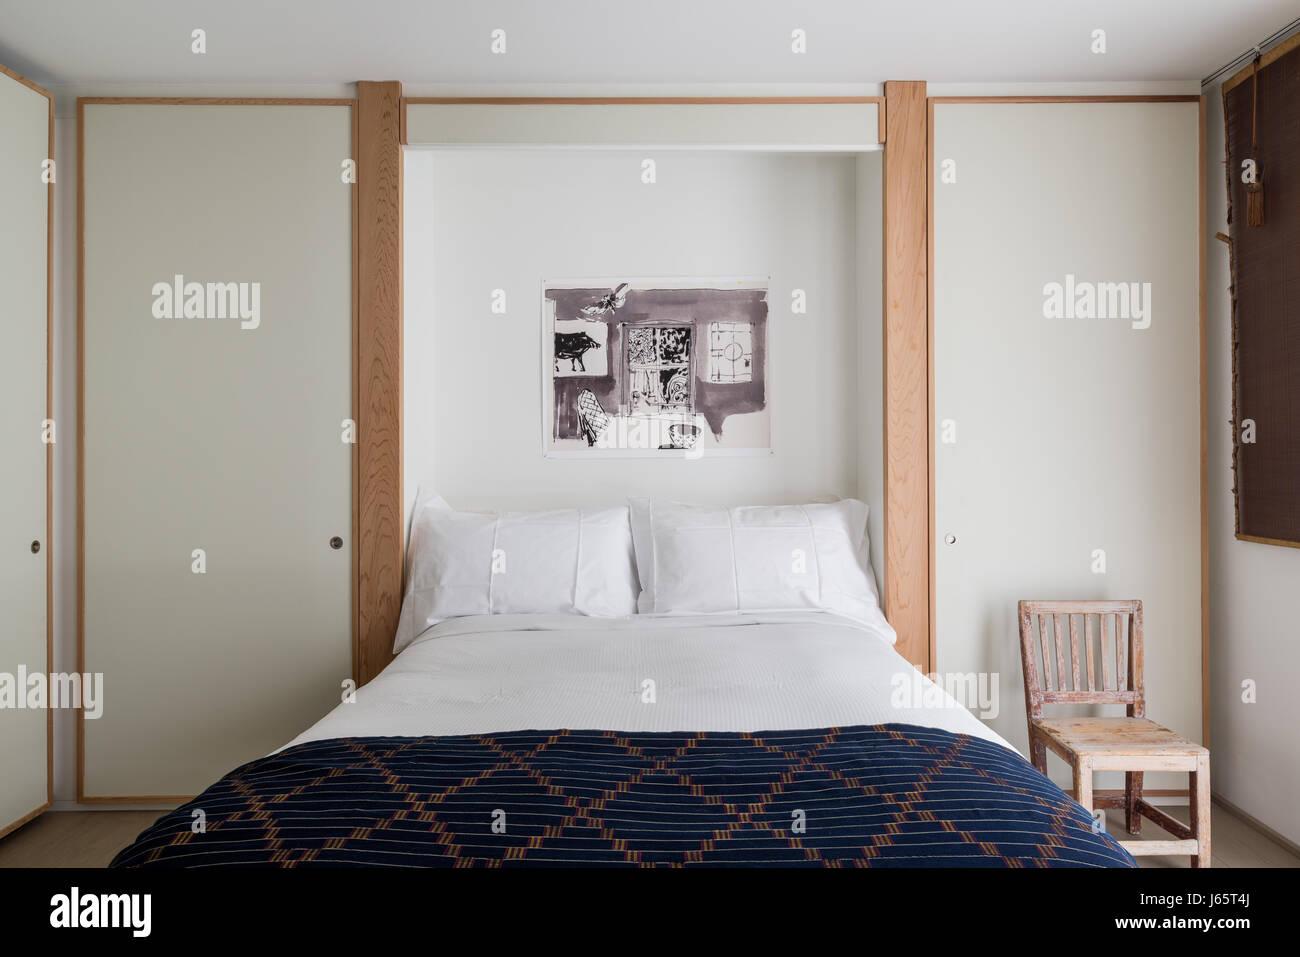 Camera Da Letto Rovere Bianco : Zen come camera da letto con laminato bianco e rovere tessile